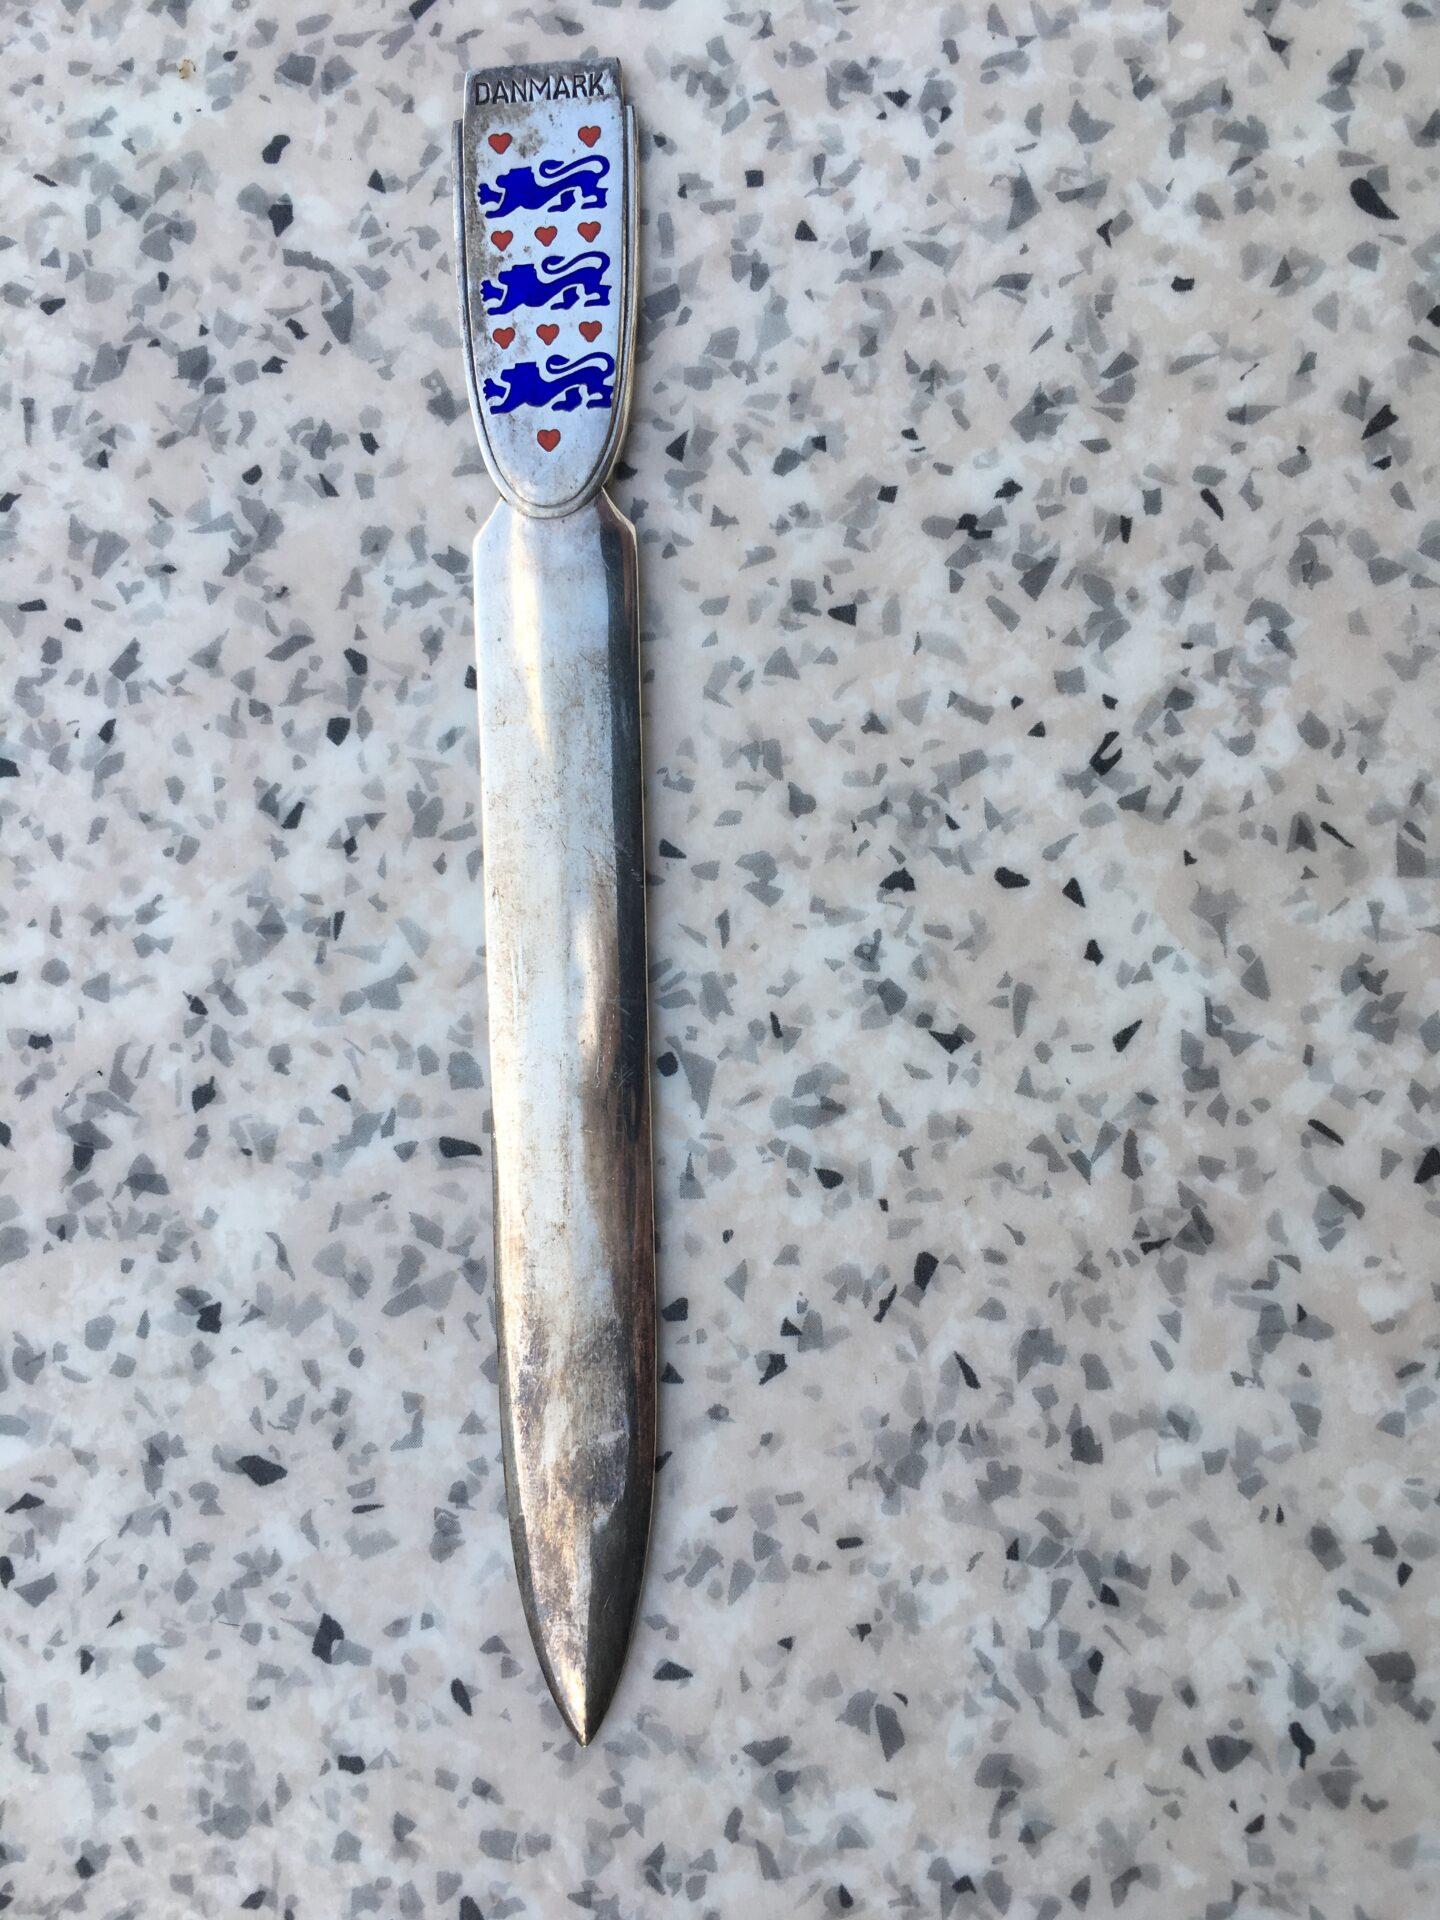 Brevåbner/papirkniv, sterling sølv, med Danmarks rigsvåben, pris 400 kr